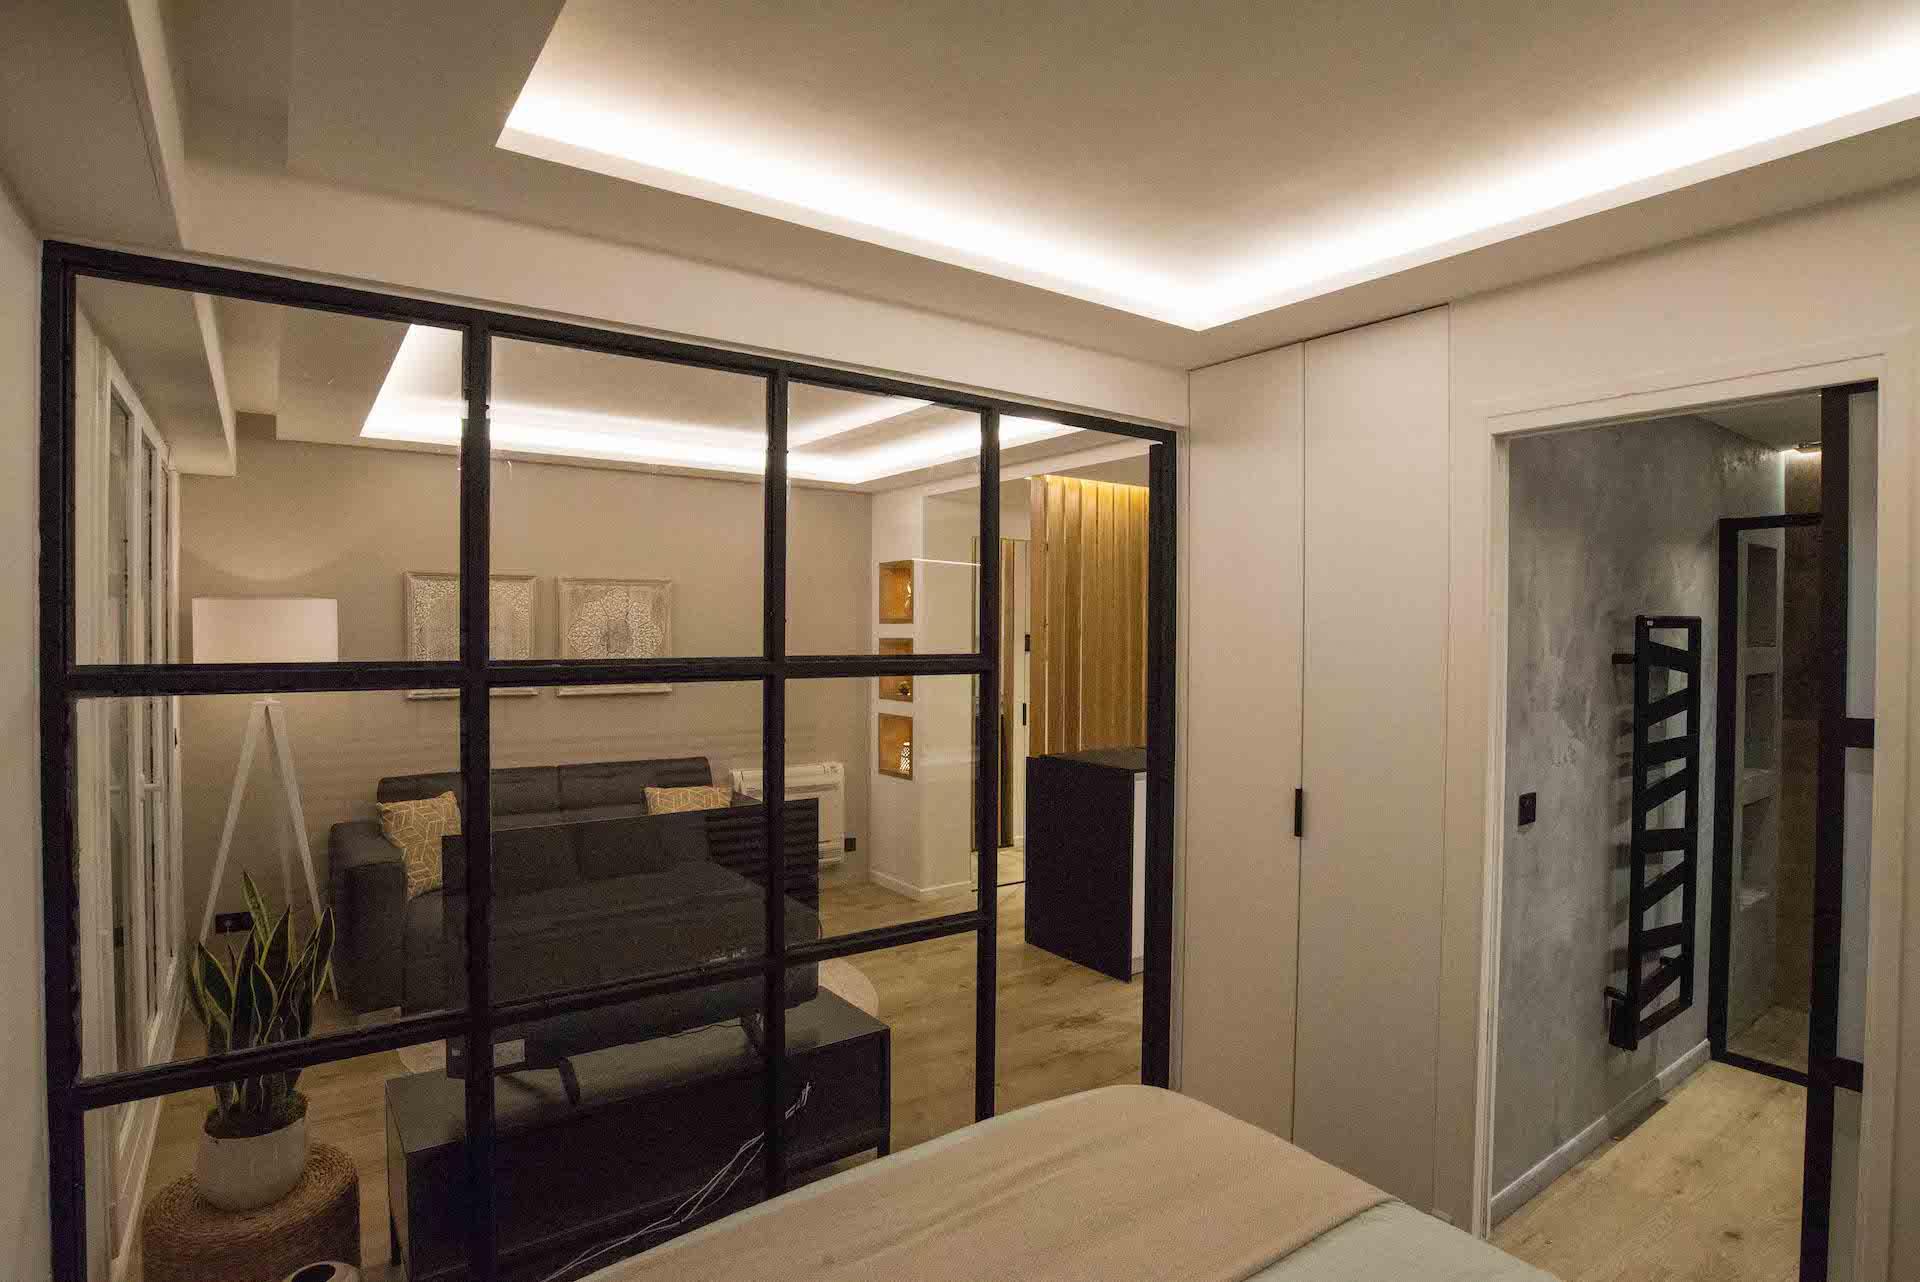 Rénovation-aménagement-décoration-appartement-Sainte-Maxime-architecte-interieur-var13